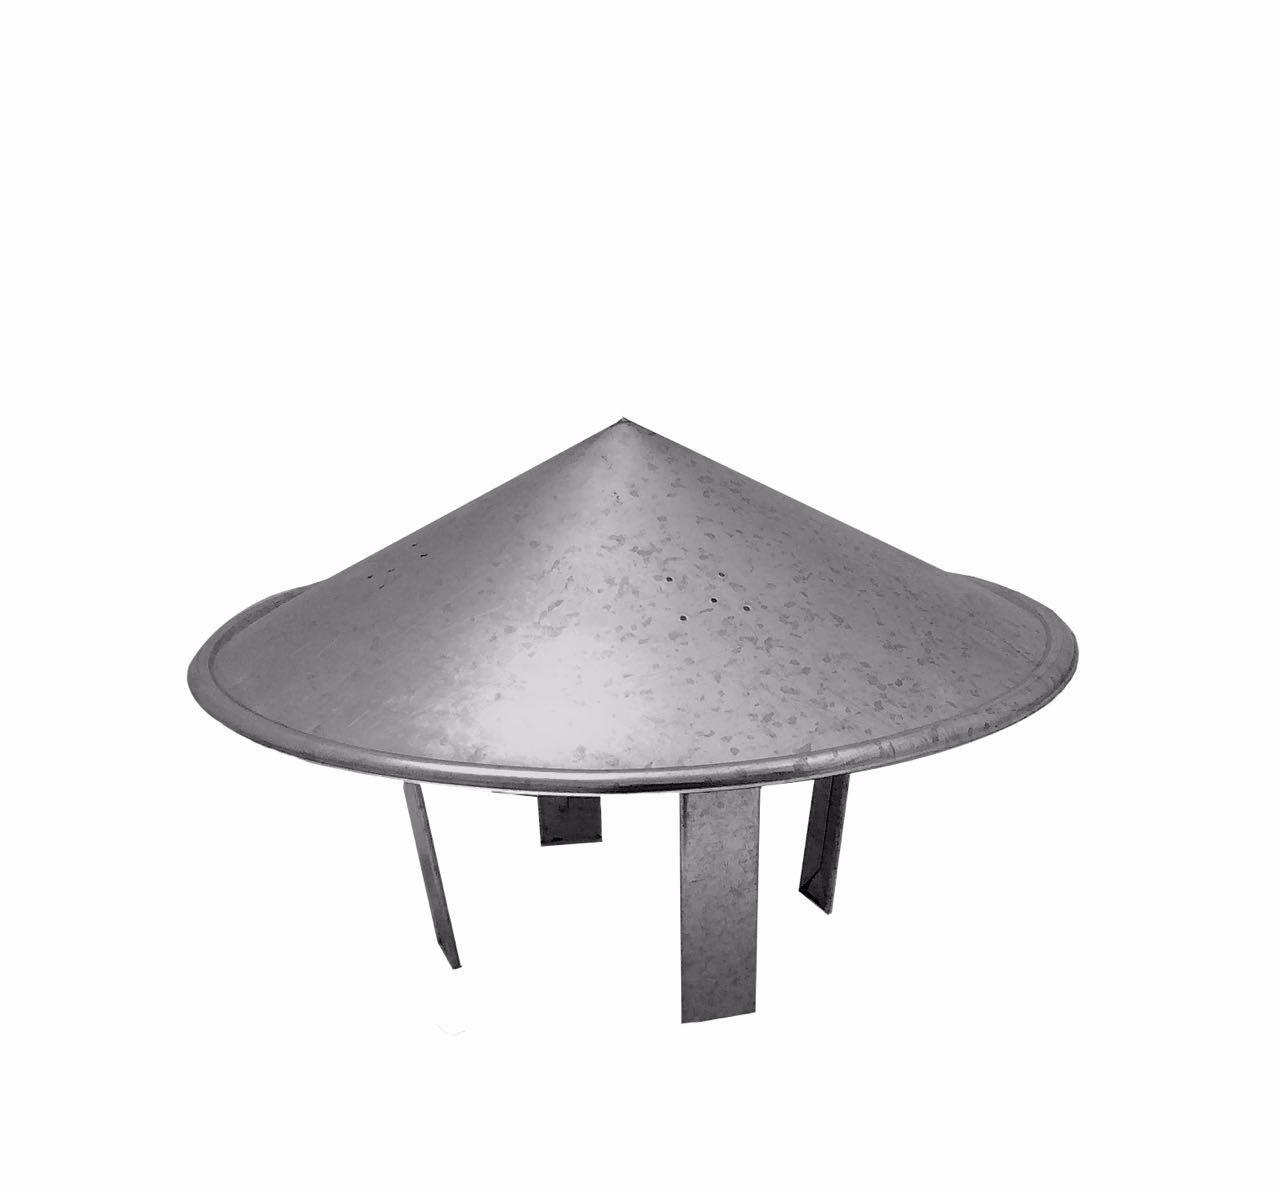 Chapéu chinês galvanizado para dutos de 100 mm para topo de chaminé  - Galvocalhas